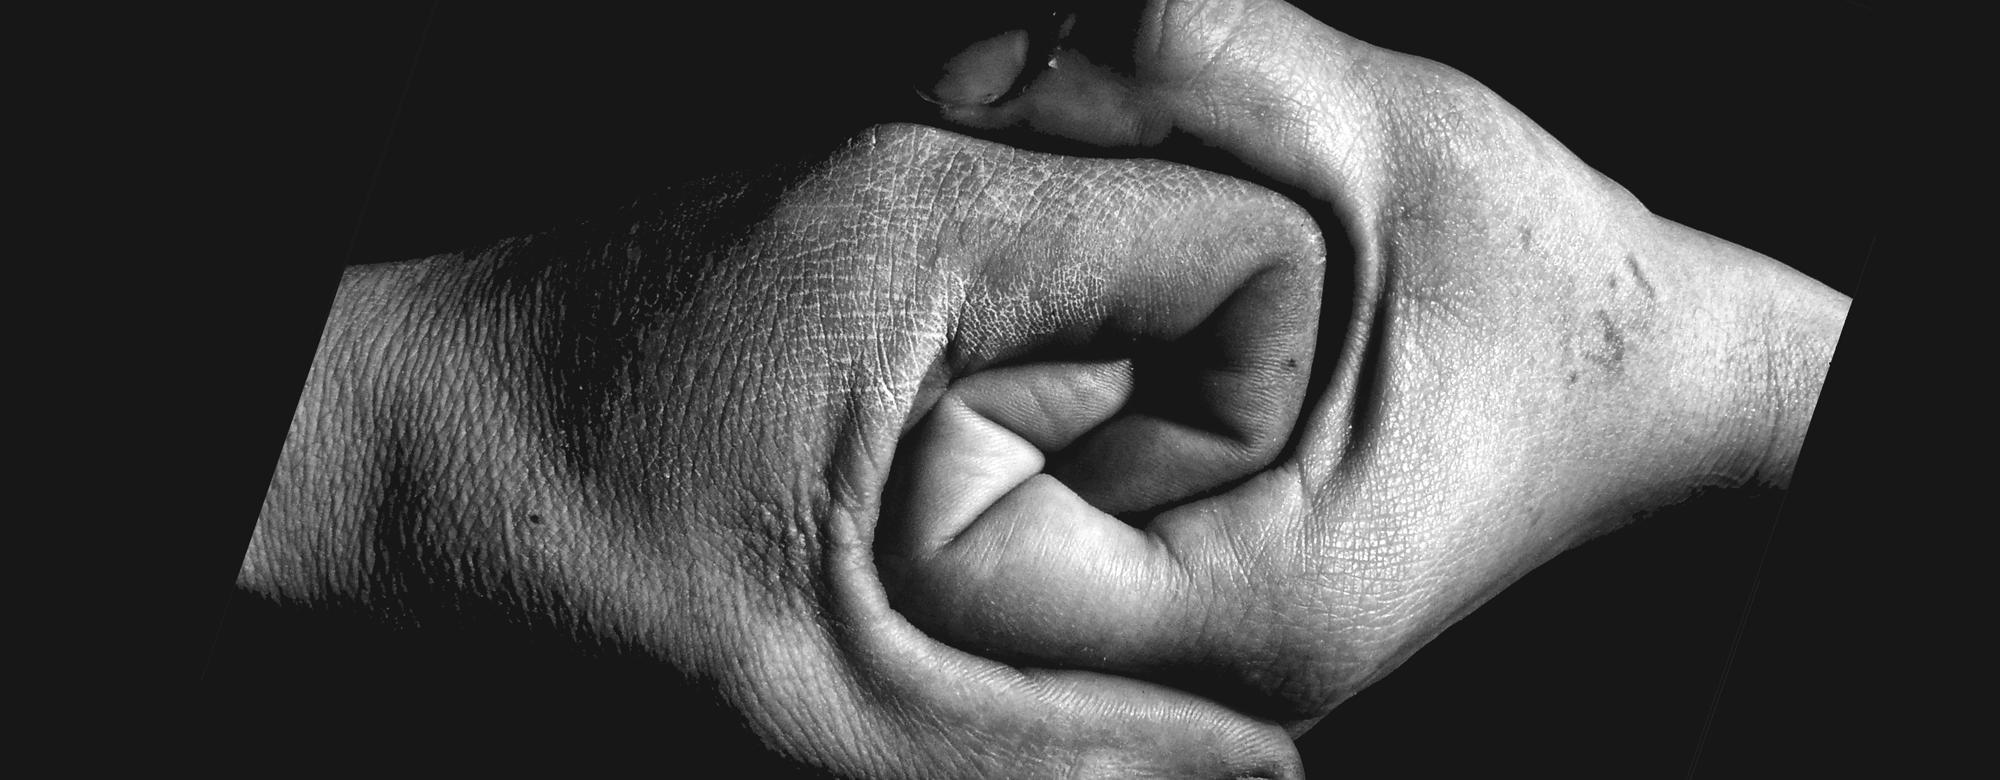 hands_grey